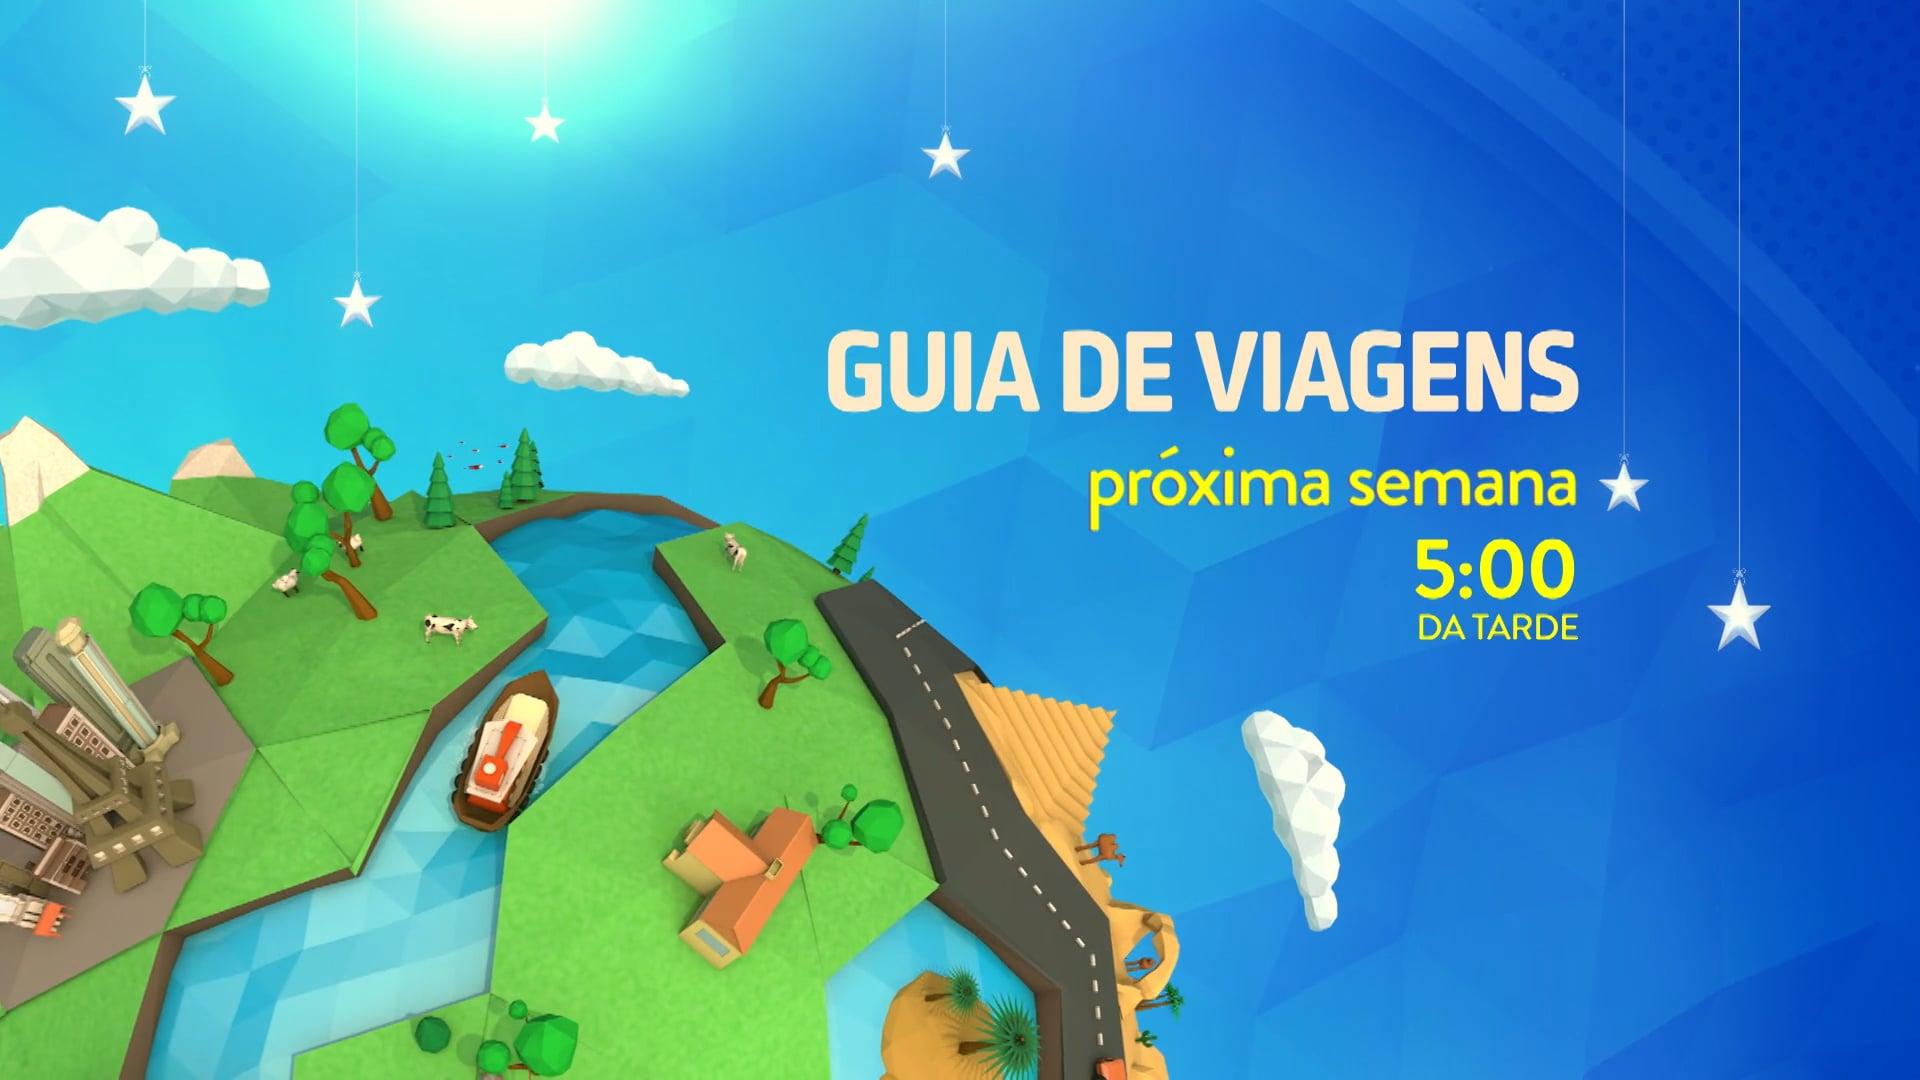 GUIA DE VIAGEMS